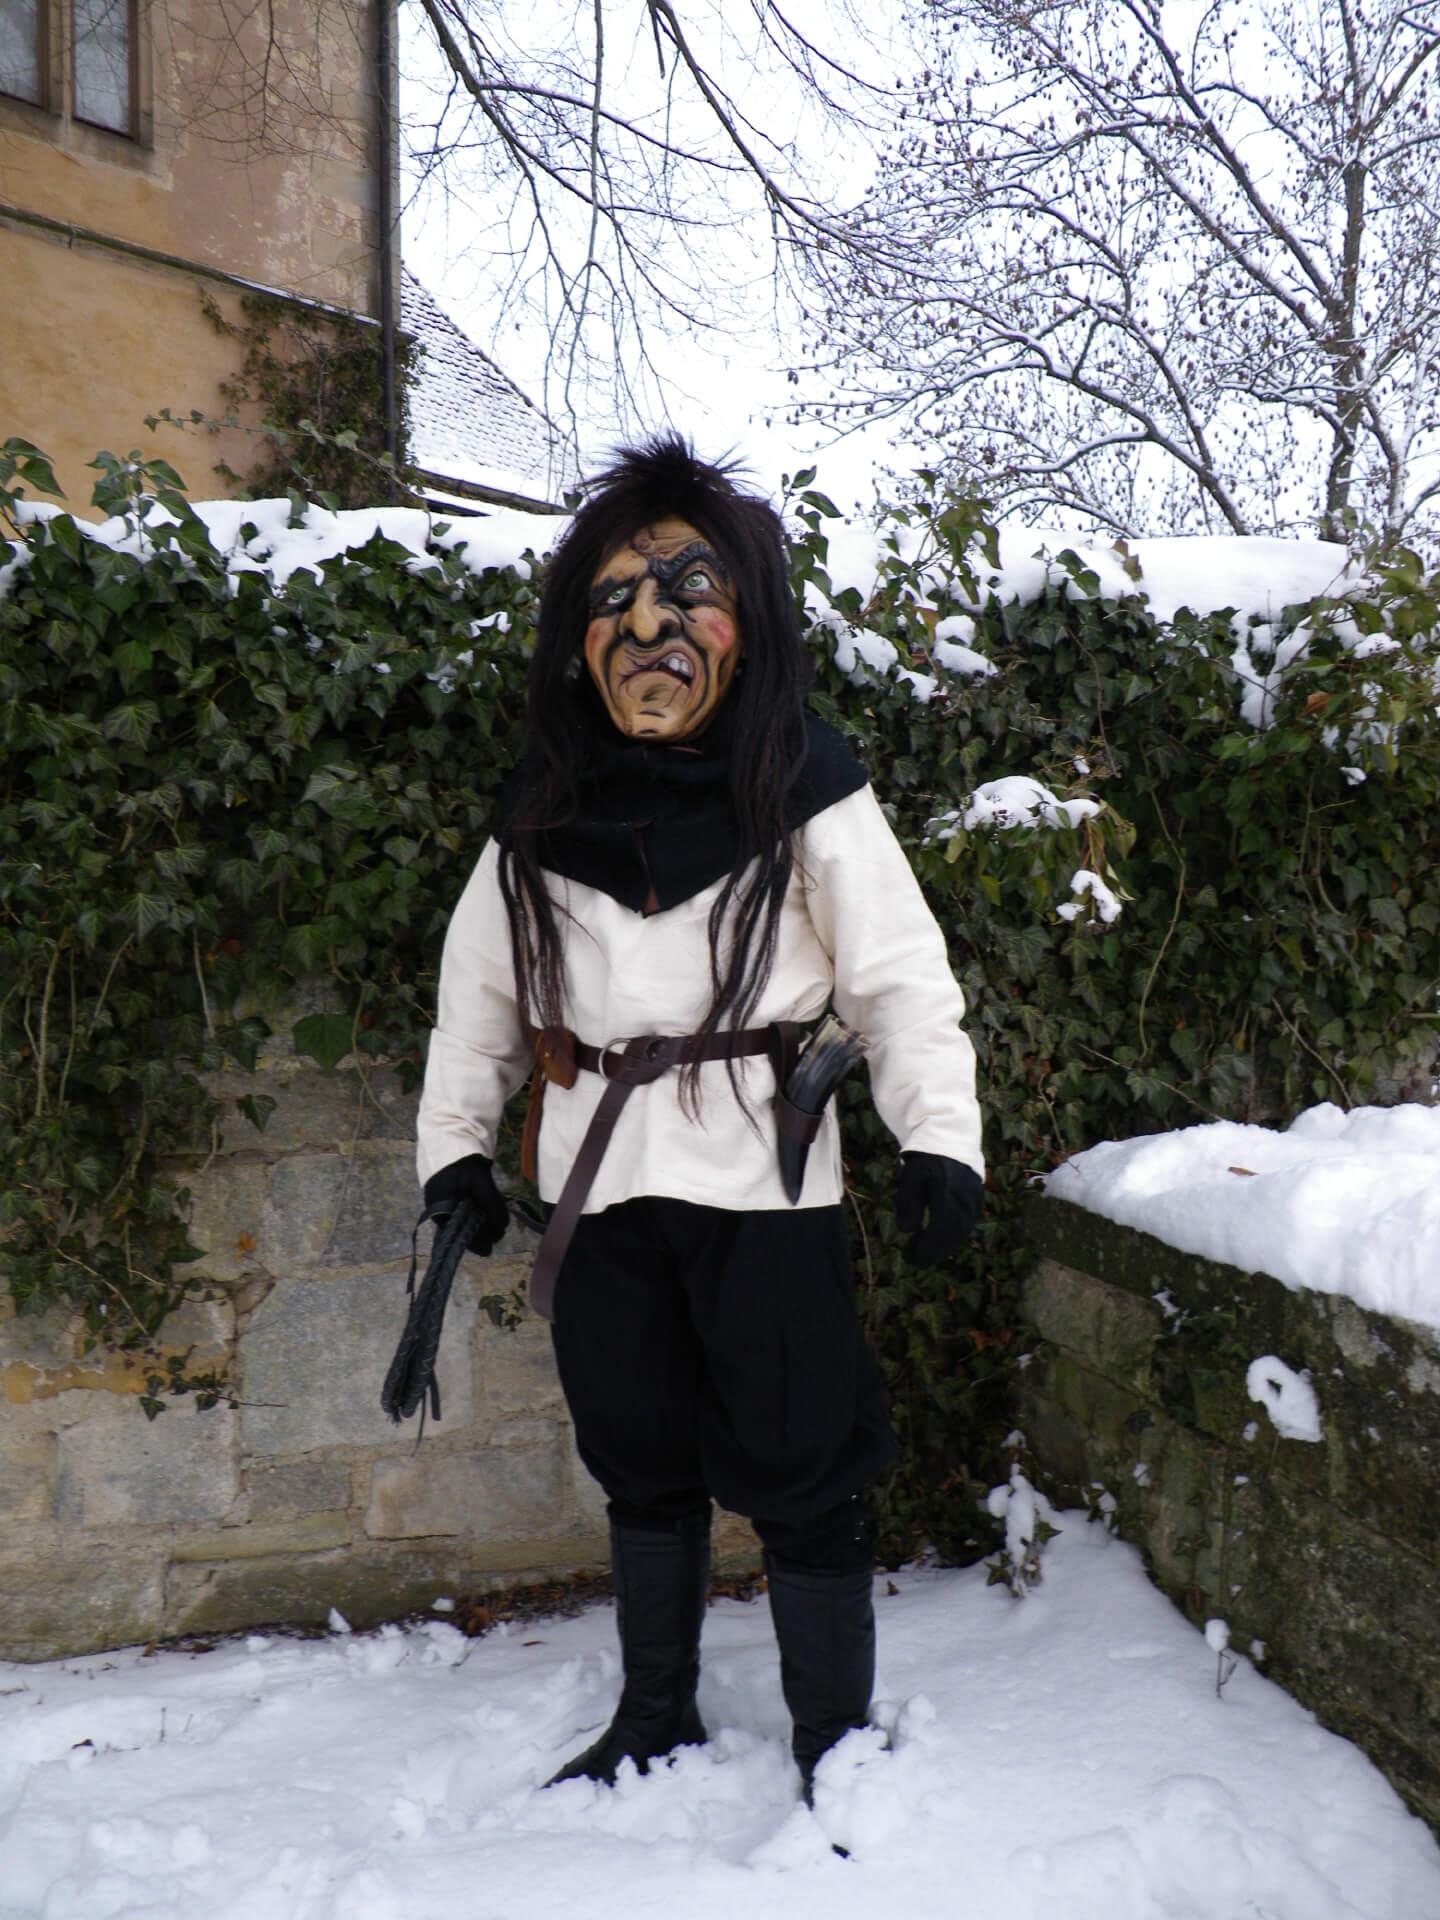 nv-bilder-masken-haes-12-2010-34